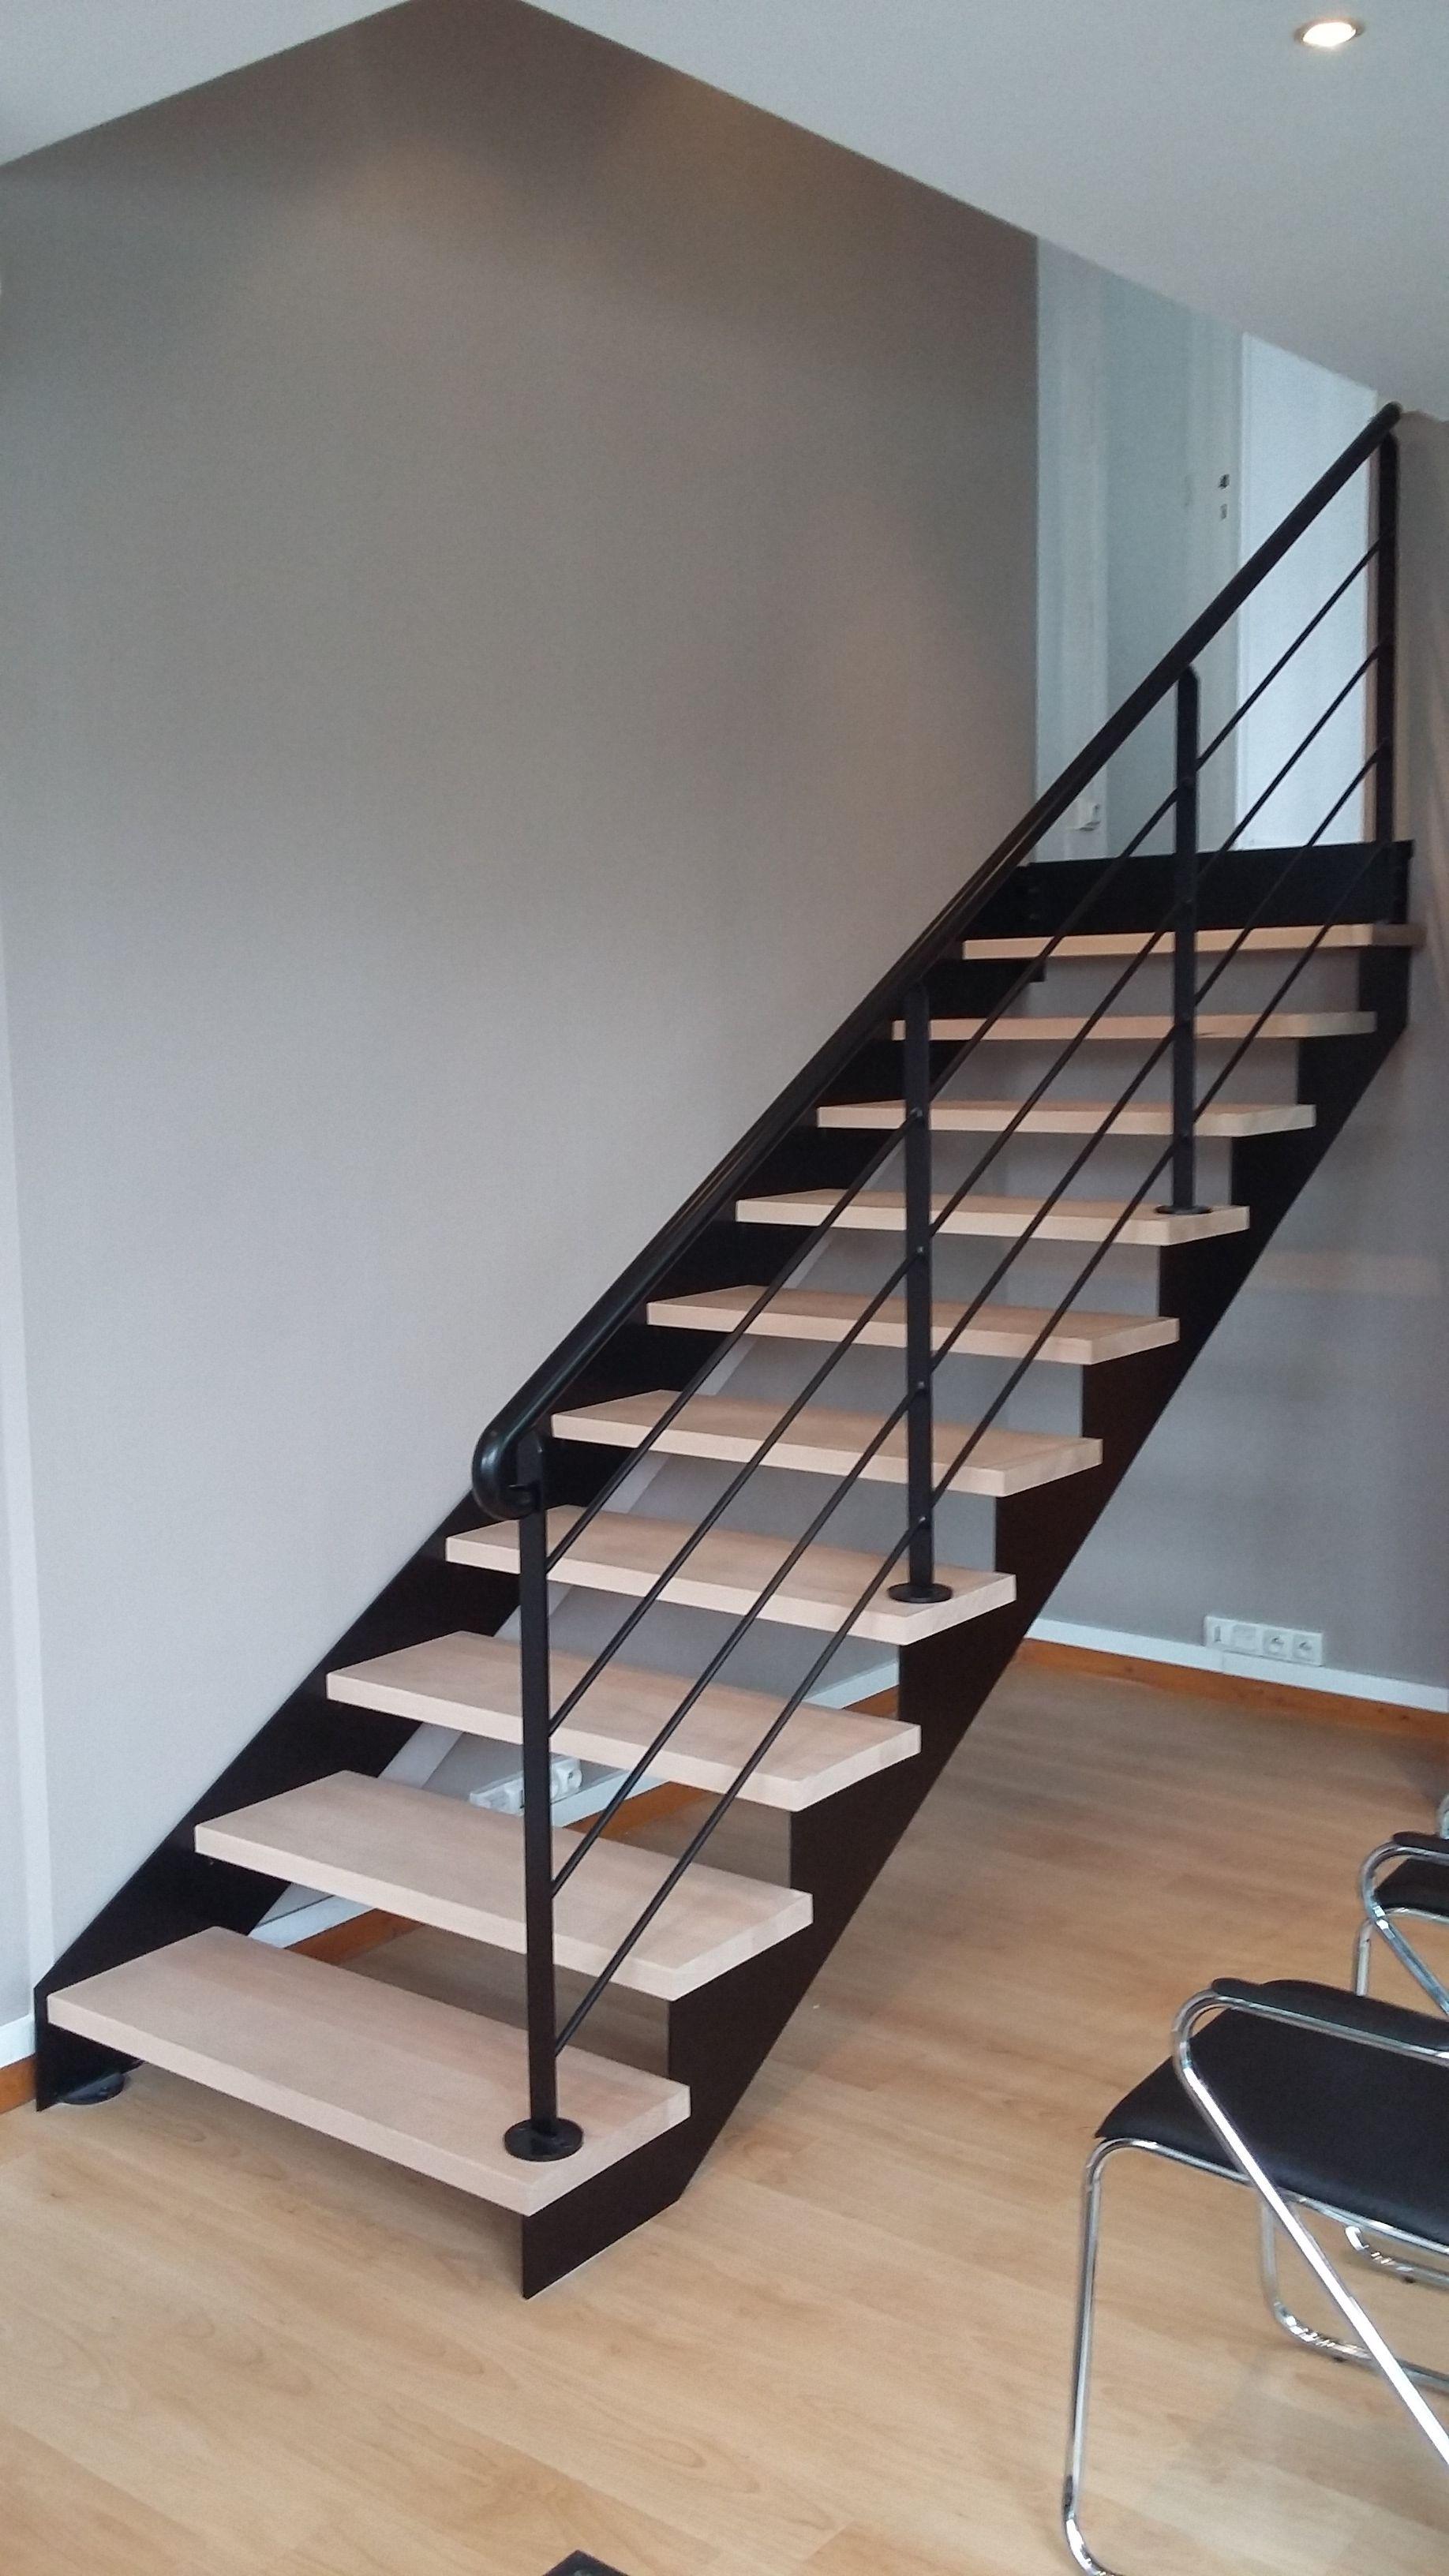 Nos verrières - Escalier Design 14 - Escalier limon fer plat, Escalier limon…